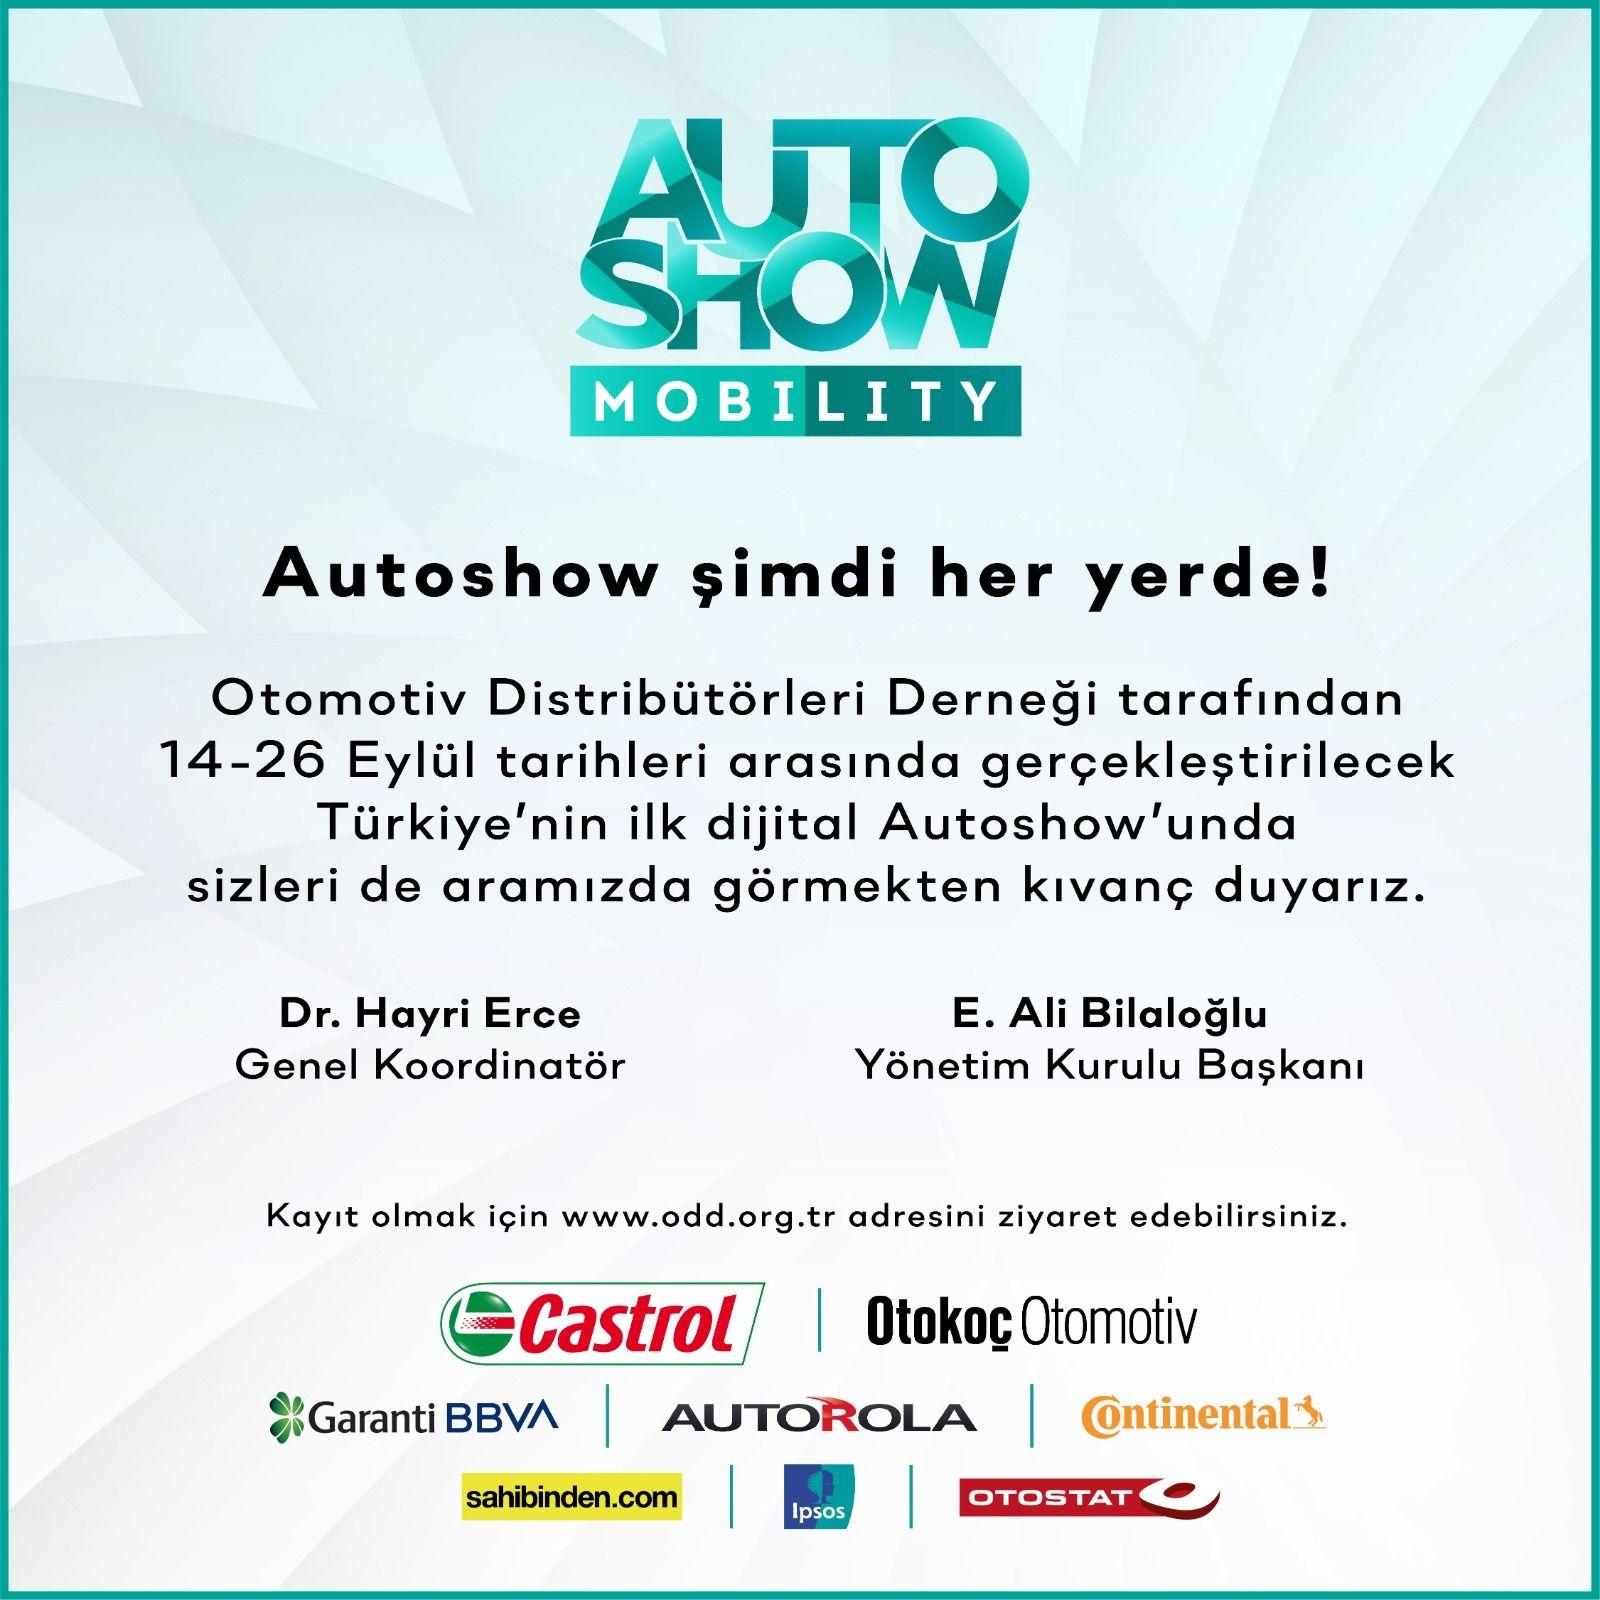 Autoshow 2021 Mobility 14 - 26 Eylül 2021